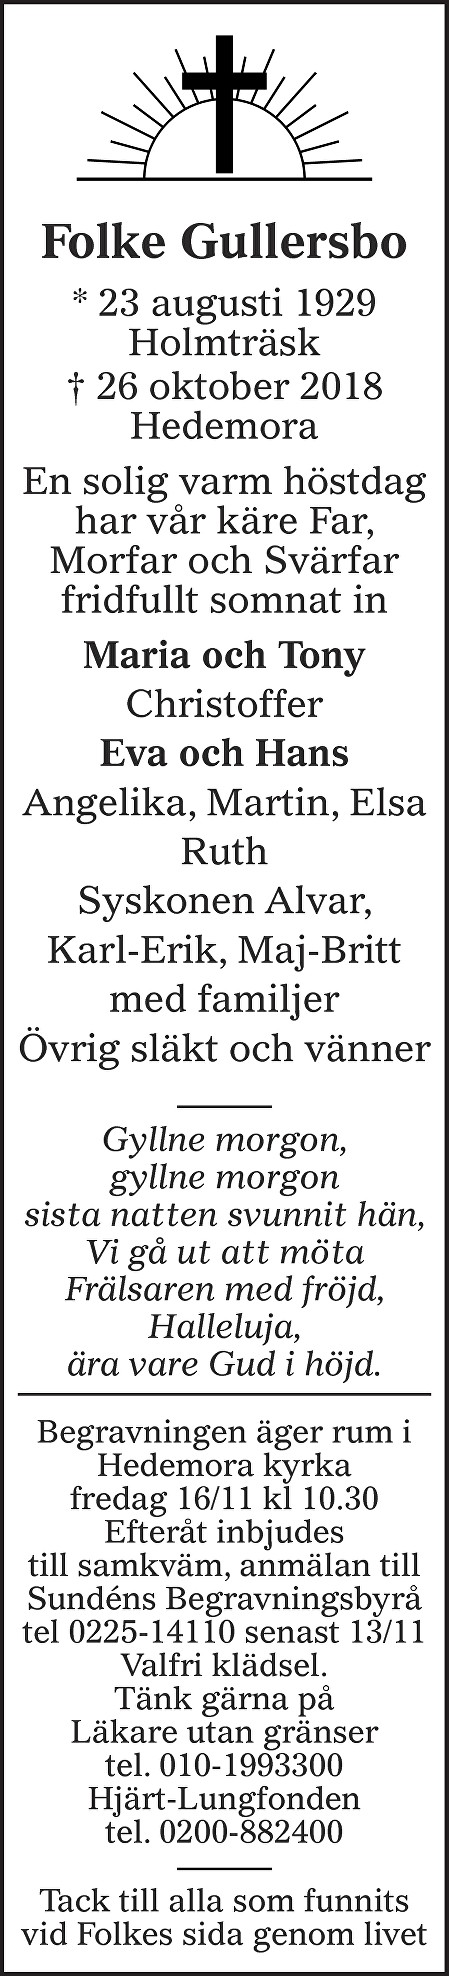 Folke Gullersbo Death notice